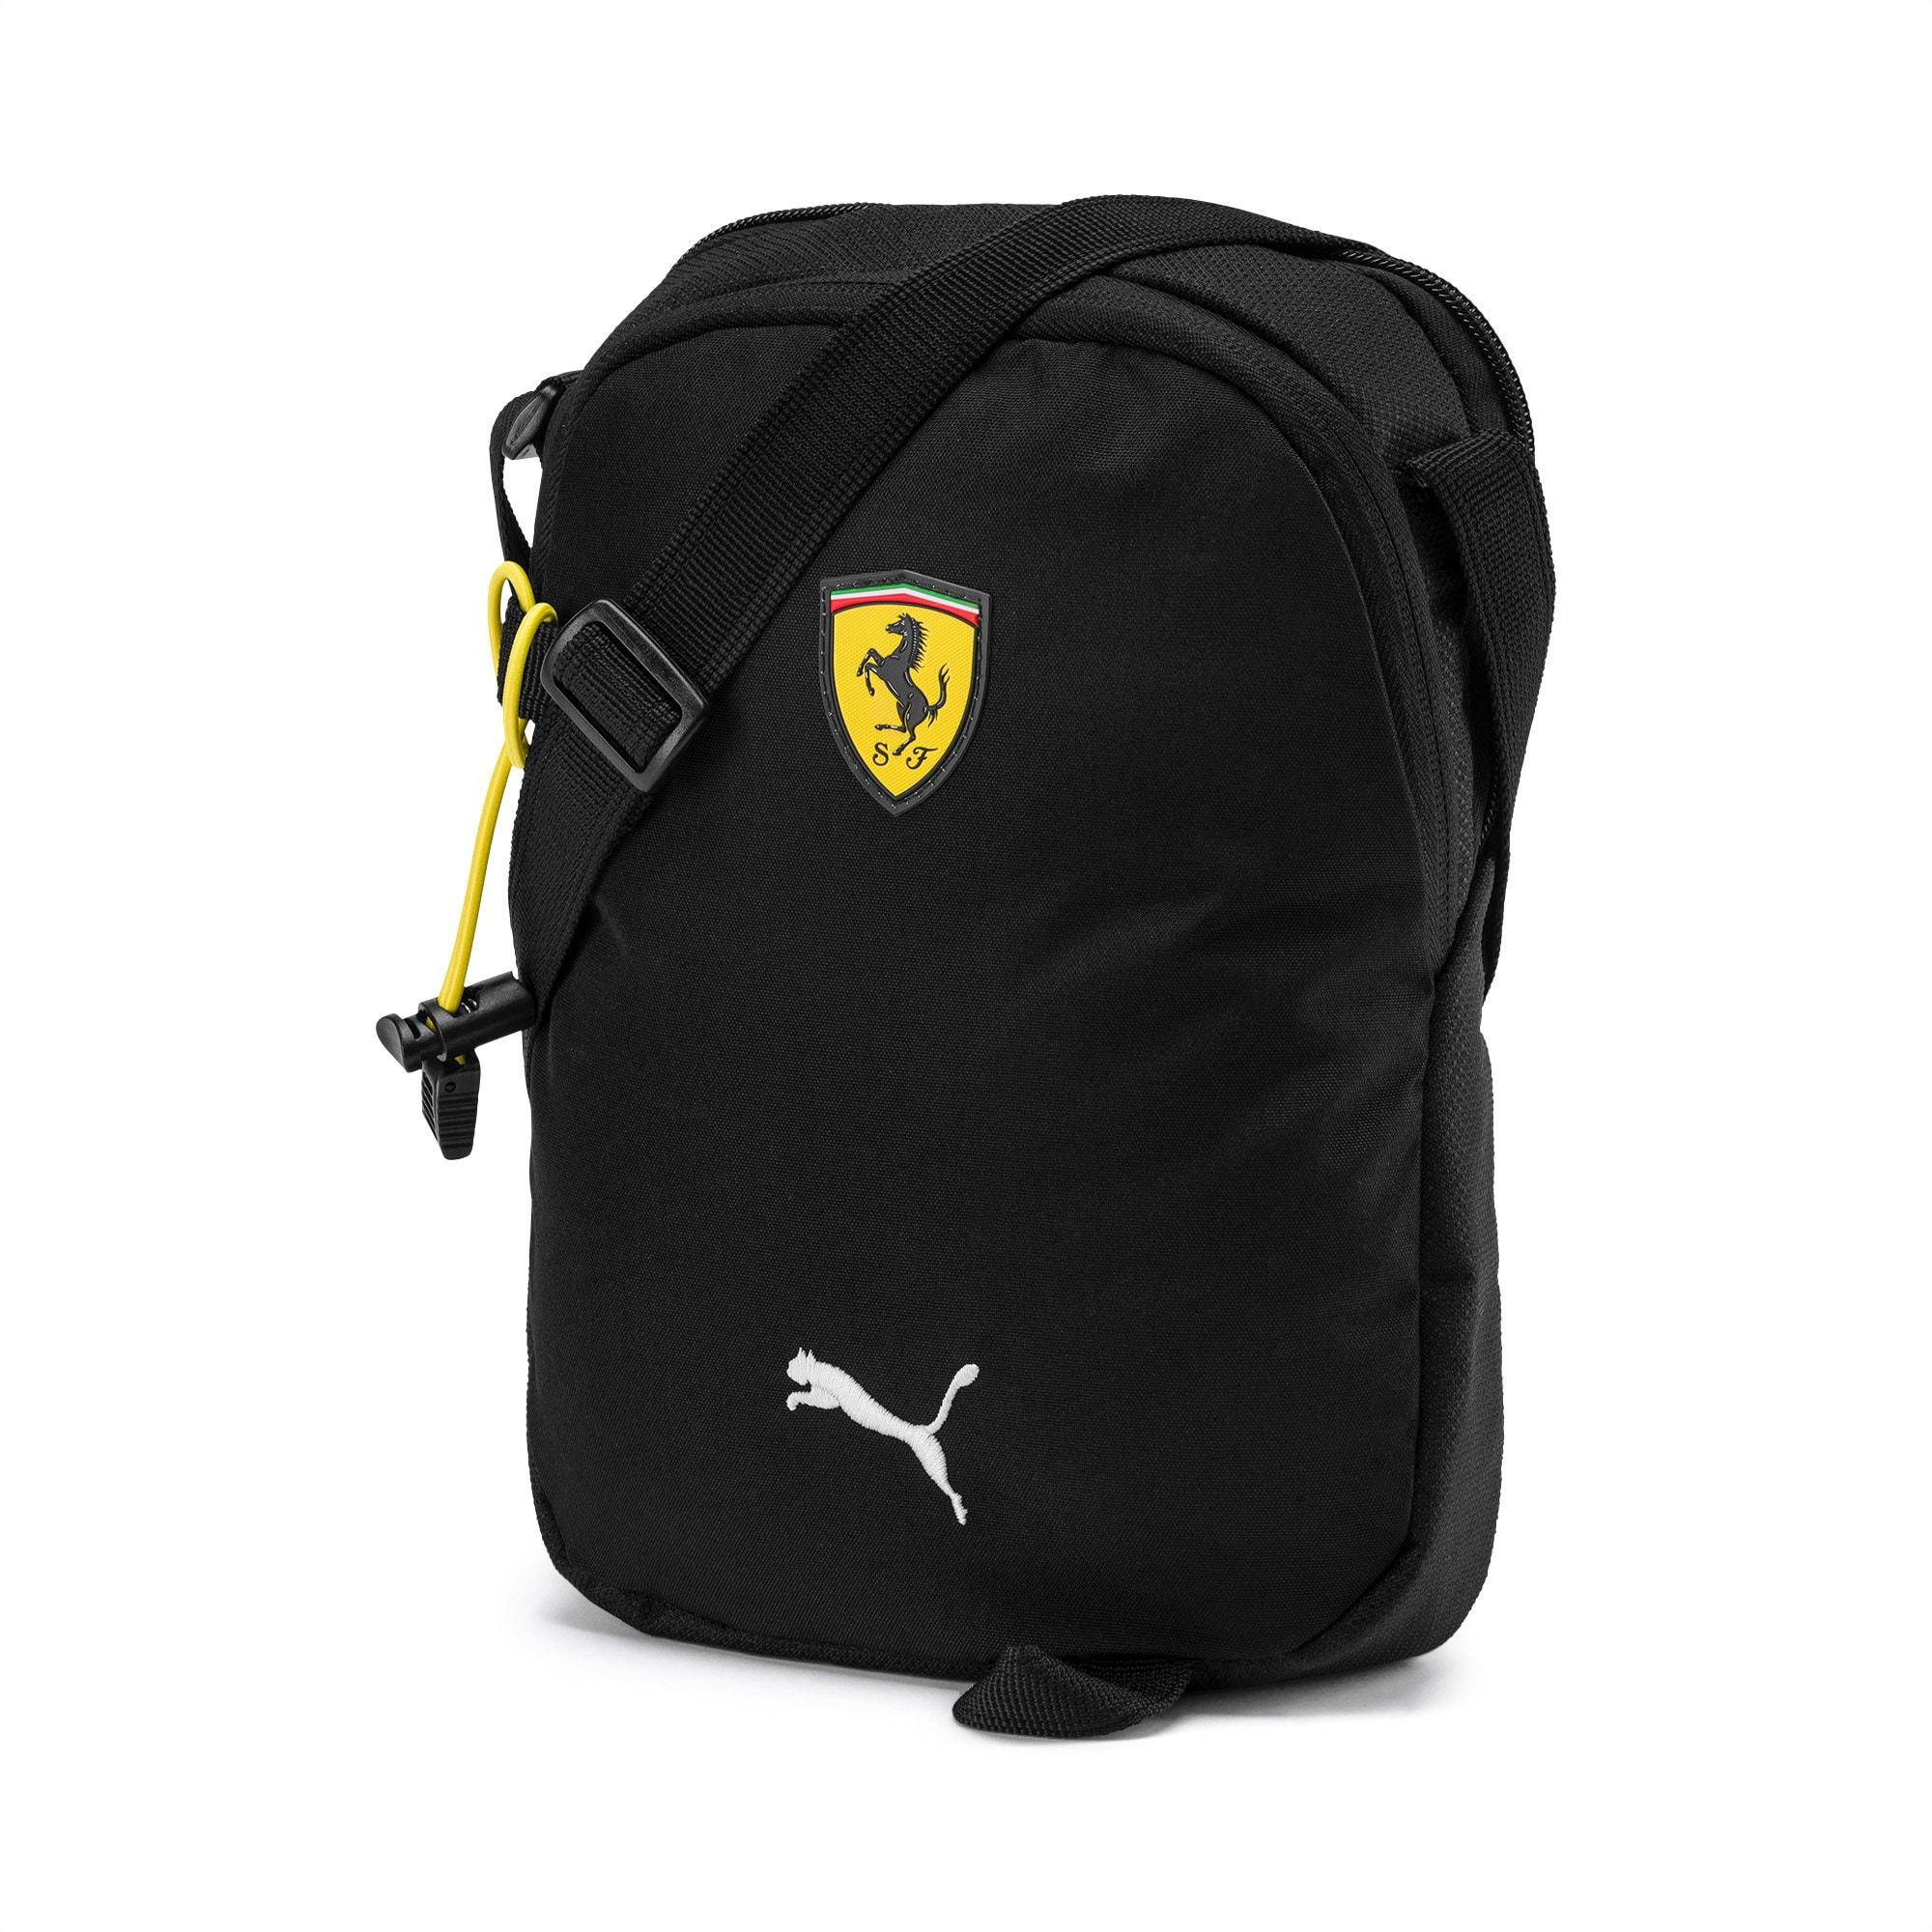 PUMA x Ferrari Fanware Portable Shoulder Bag, Puma Black, large-SEA